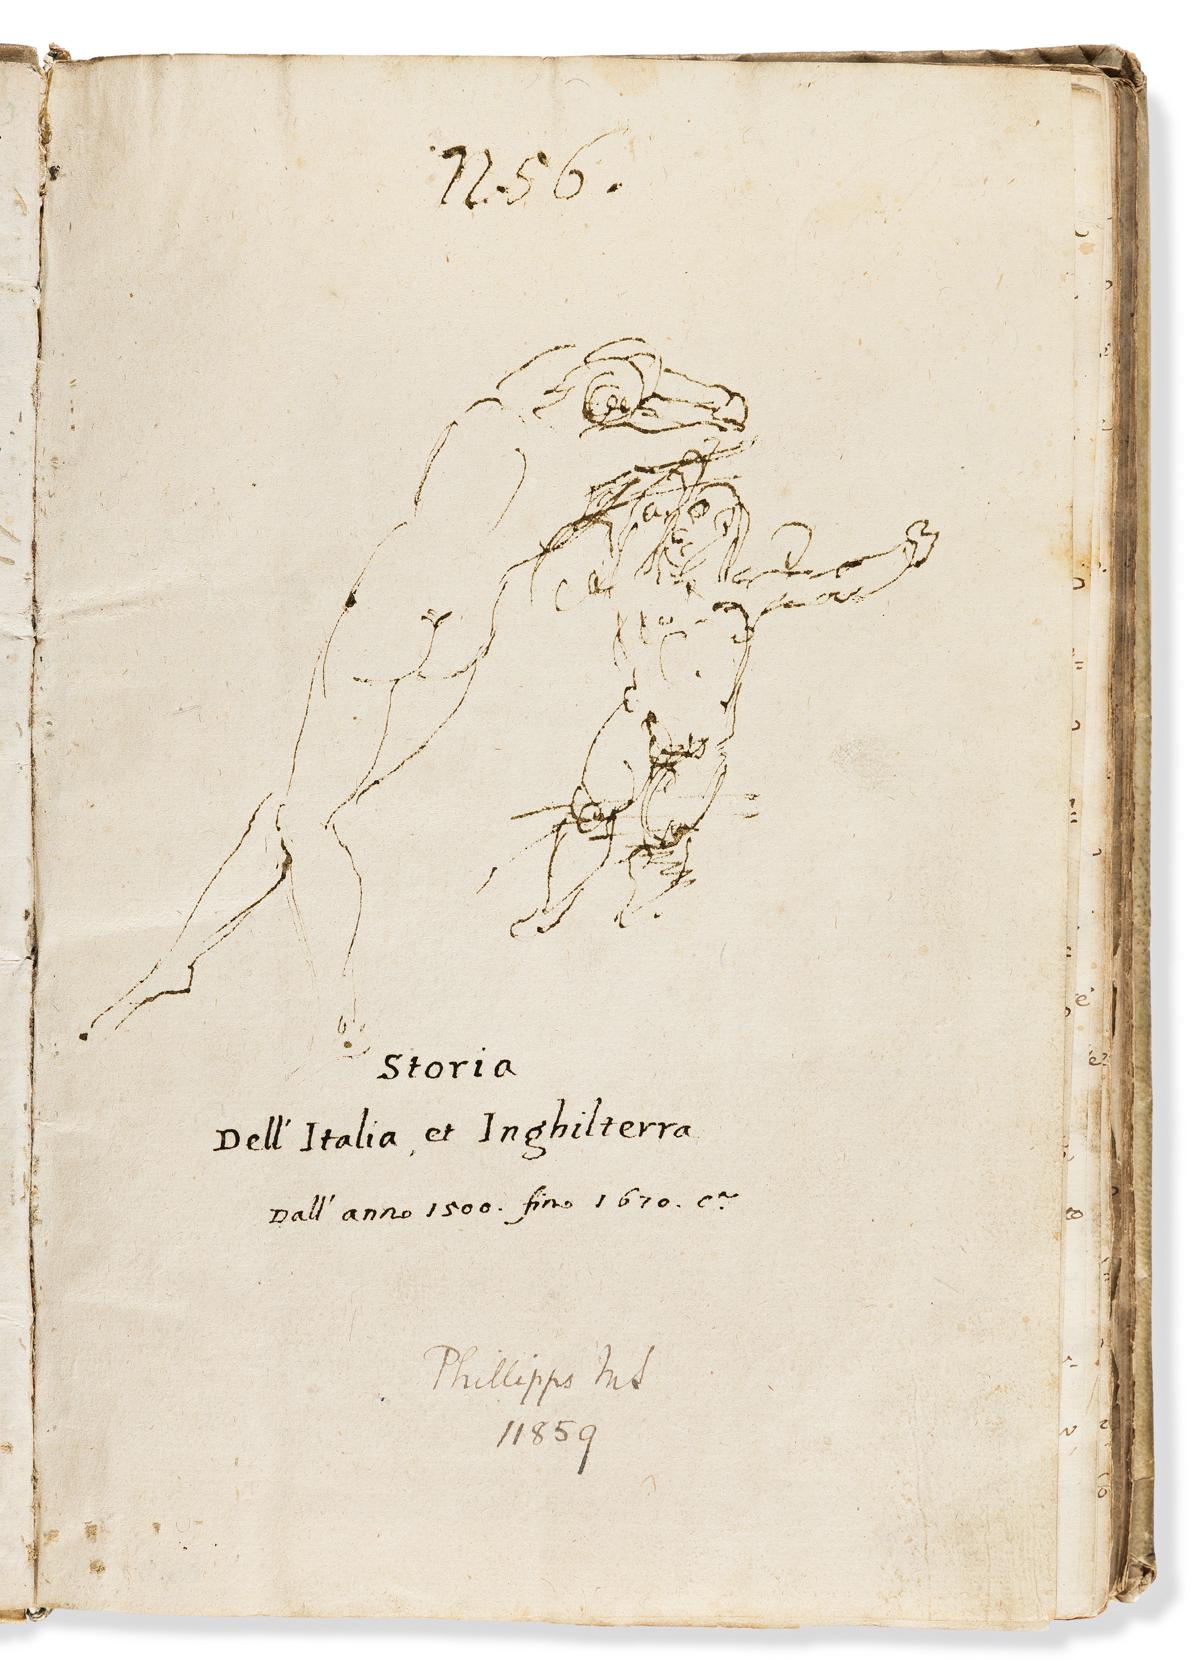 Manuscript on Paper. Storia dell Italia et Inghilterra dalla 1500 fino 1670.